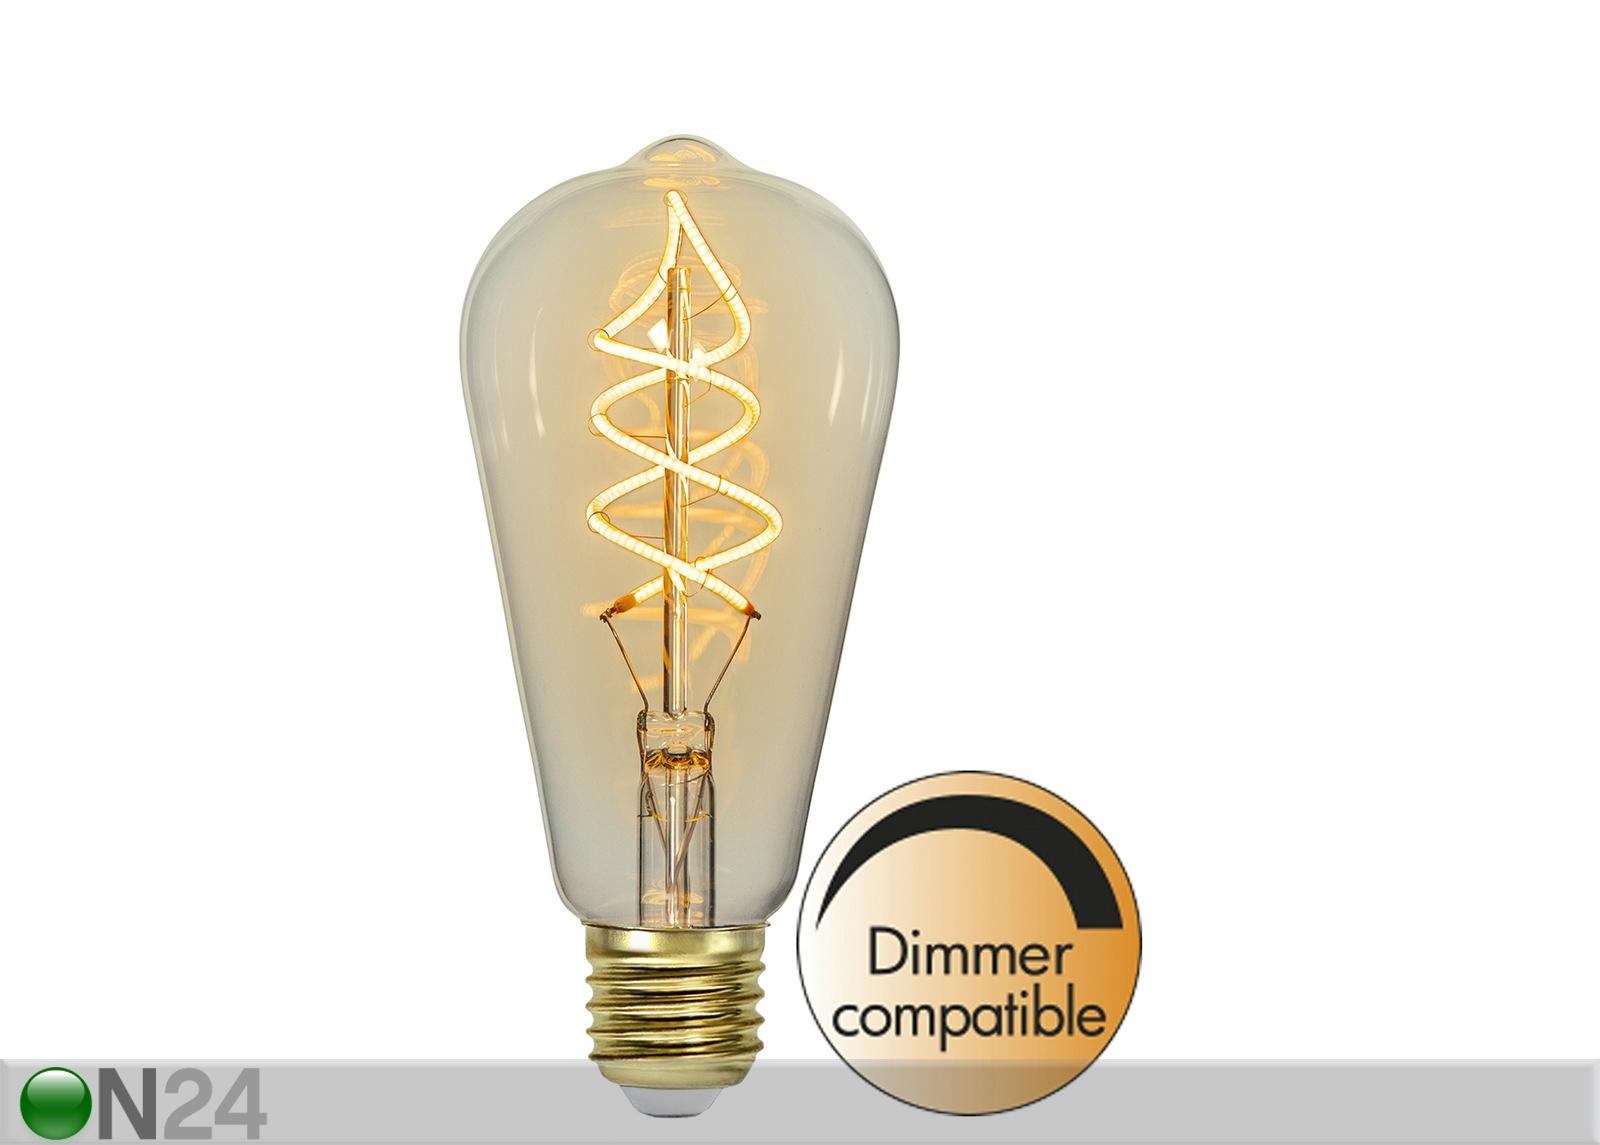 019c8d889e0 Dekoratiivne LED pirn E27 3 W AA-142574 - ON24 Sisustuskaubamaja